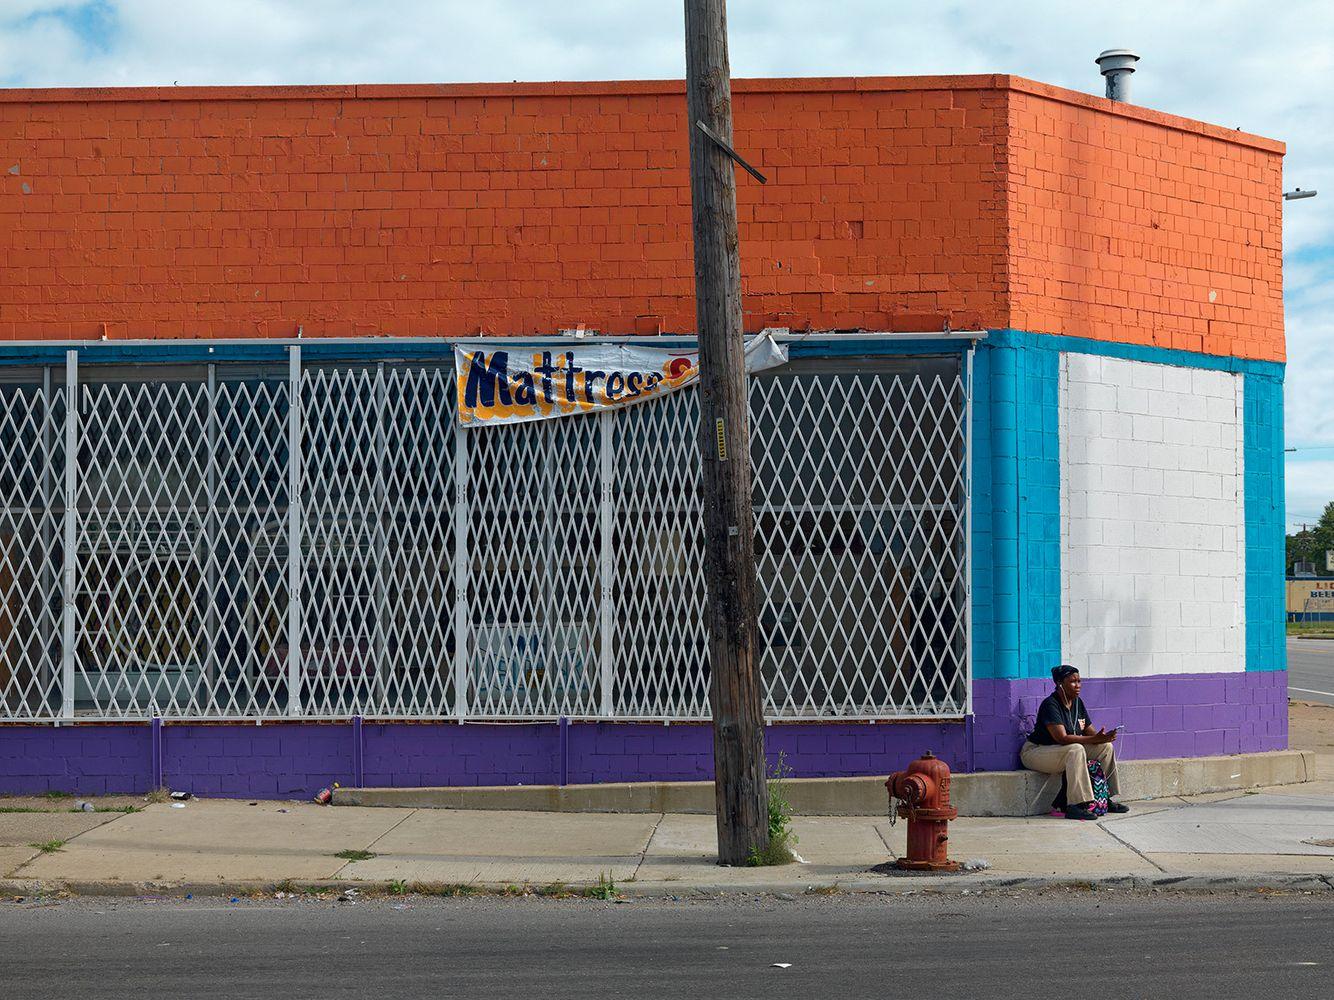 Chalmers Street, Eastside, Detroit 2015